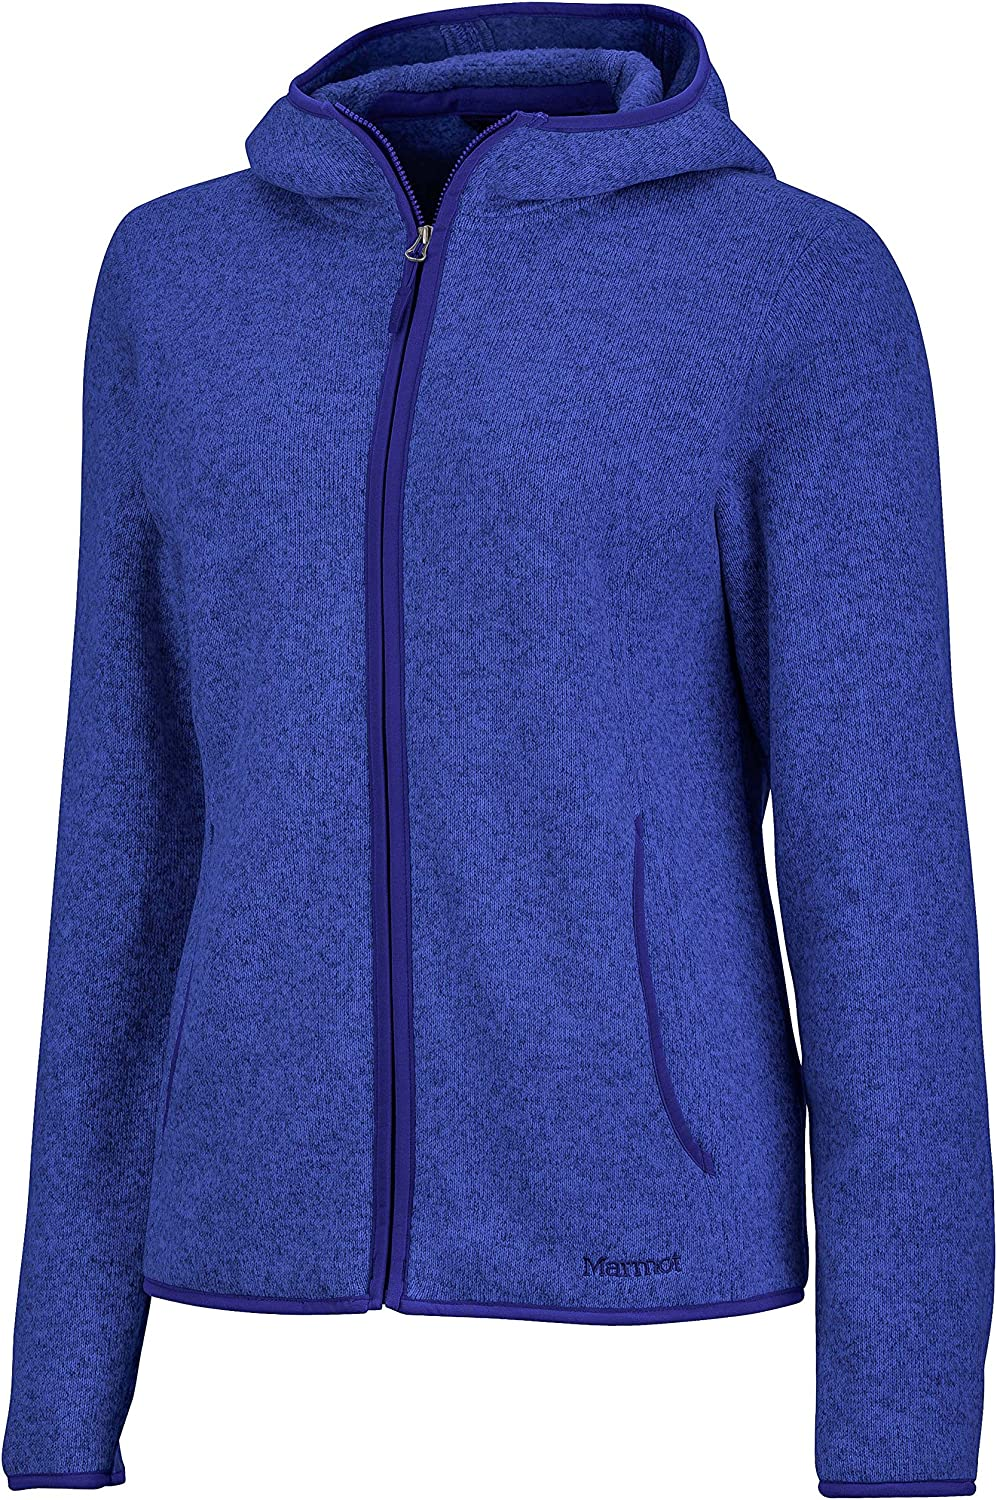 Marmot Womens Norhiem Sweater Knit Fleece Jacket